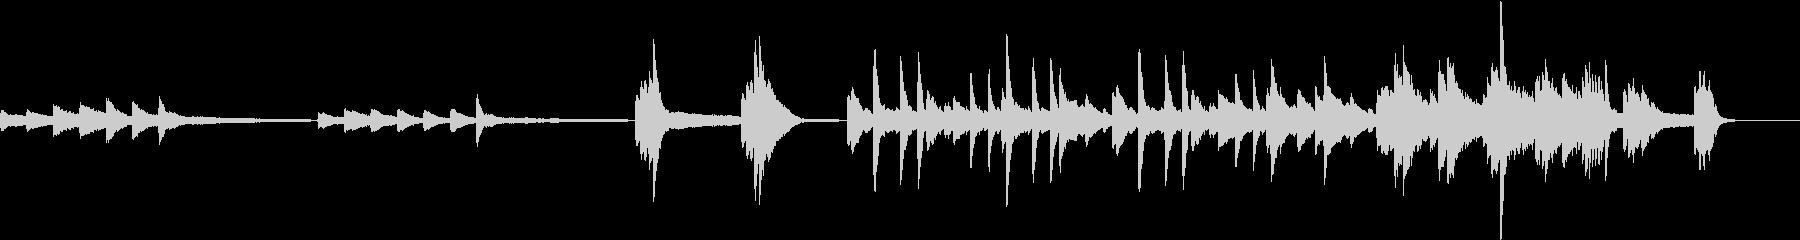 緊迫感ある時のBGMの未再生の波形